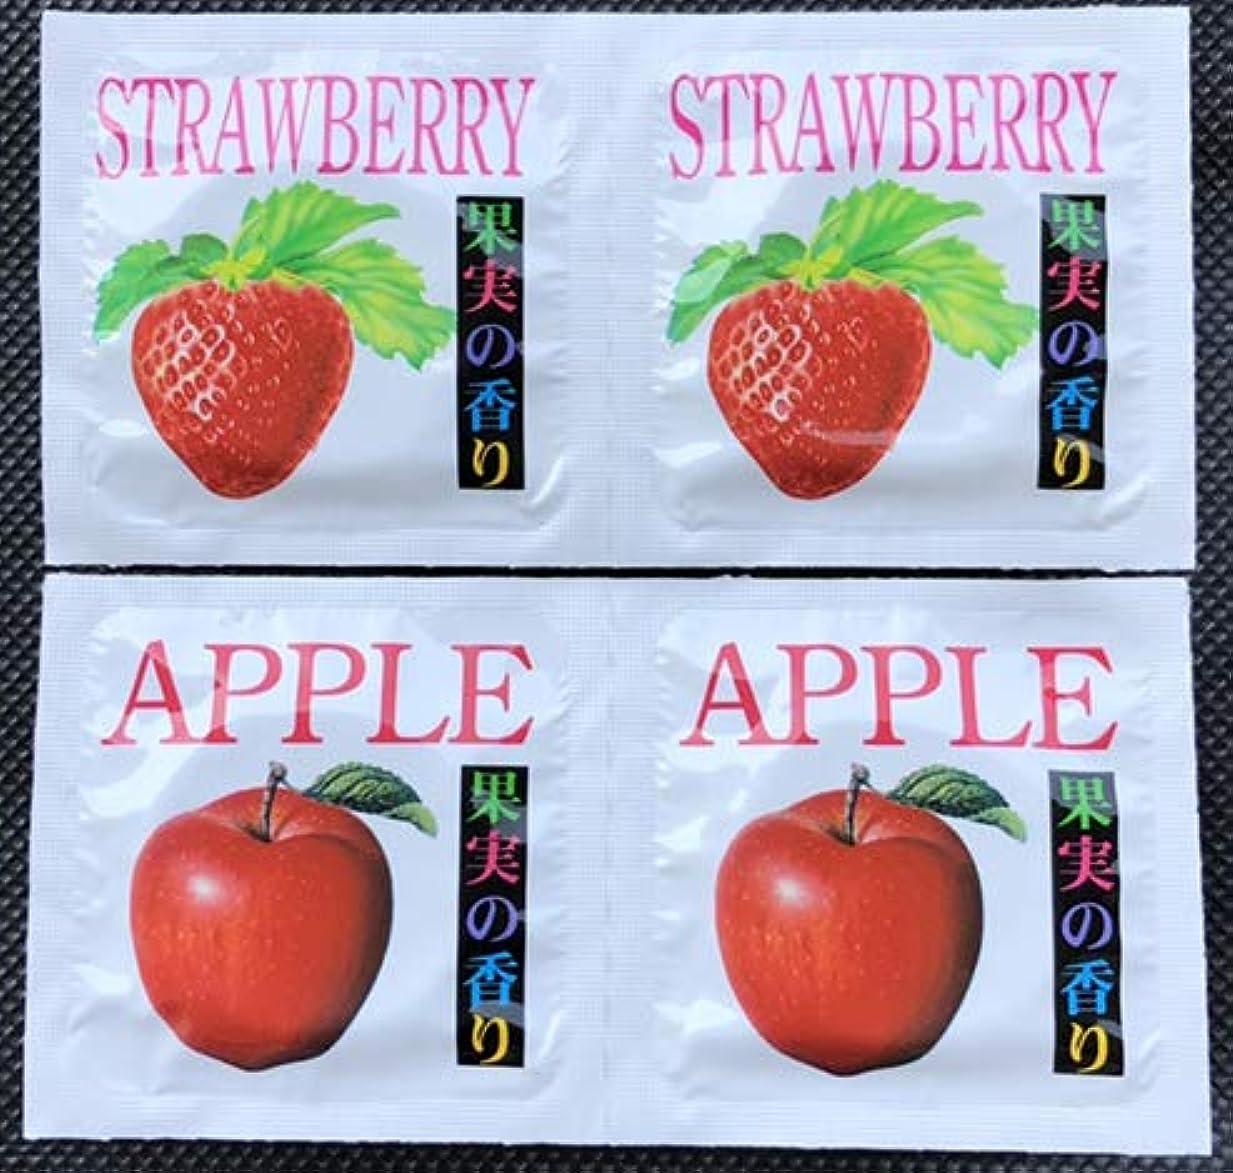 果実の香り スキン 避妊具 2種アソート 24個セット(アップル12個&ストロベリー12個) メール便